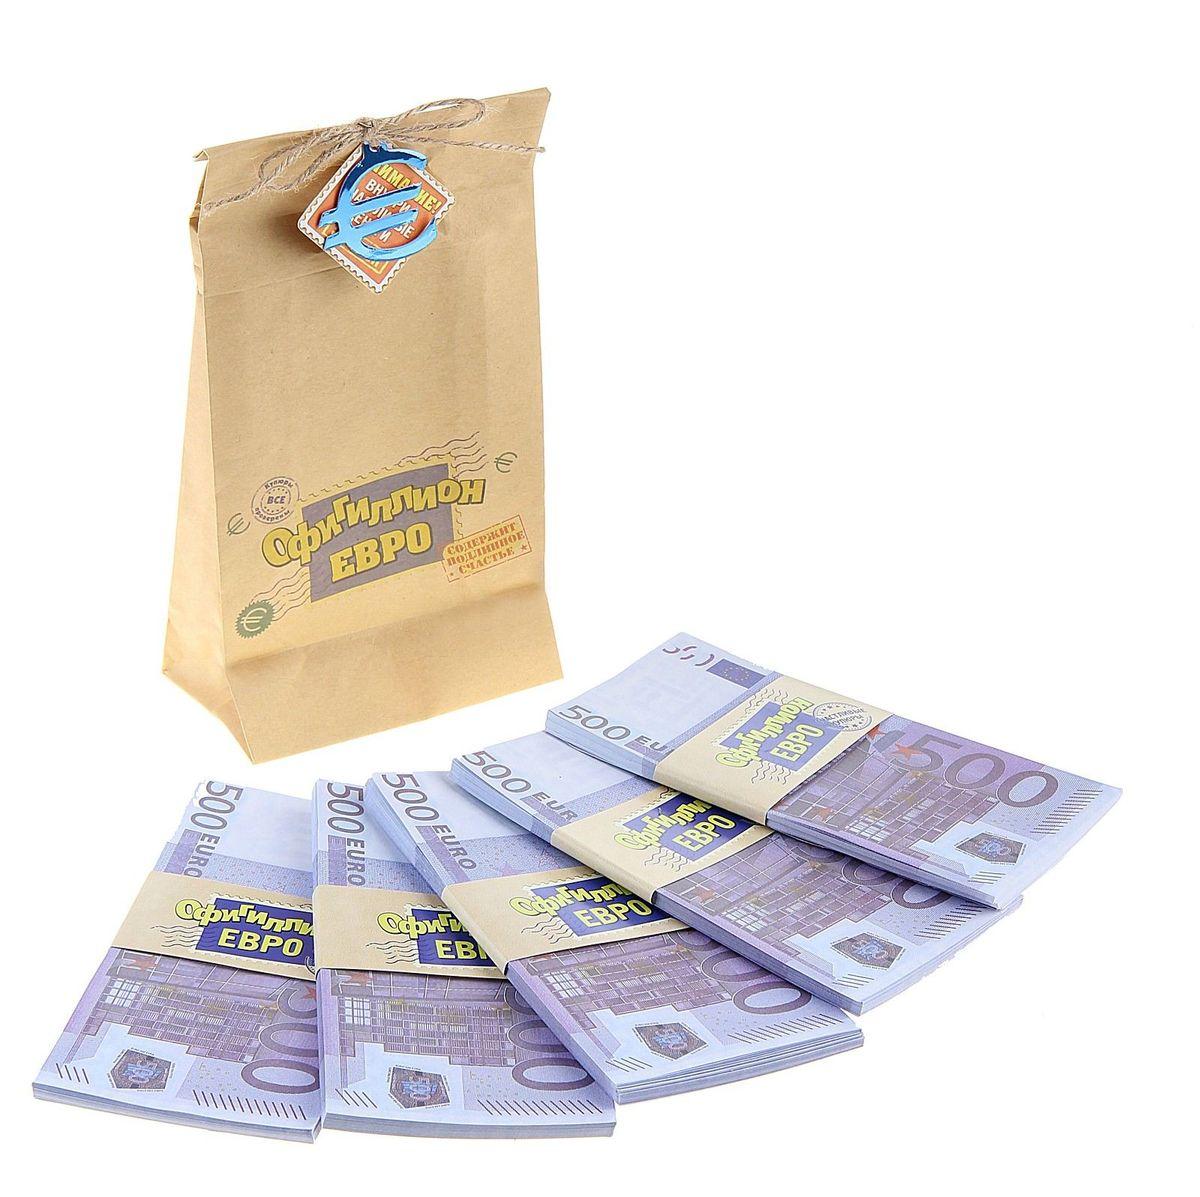 Мешок денег Sima-land Офигиллион Евро, 4 x 11,5 x 21,4 см74-0120Хотите весело и щедро выкупить невесту? Легко!Сколько нужно жениху, чтобы родители невесты отдали их бесценное сокровище? Возможно, мешок денег или два. А в каждом – по офигиллиону евро. Теперь точно хватит!В плотном мешке из бумаги располагается 5 пачек, каждая их которых упакована в бумажную обертку с надписью. Деньги оформлены в виде настоящих пятисотенных купюр. Мешок декорирован бечевкой с эмблемой валюты, которая находится внутри.Теперь дело за малым, осталось лишь послушно выполнять задания подружек невесты и удивлять их своей щедростью!